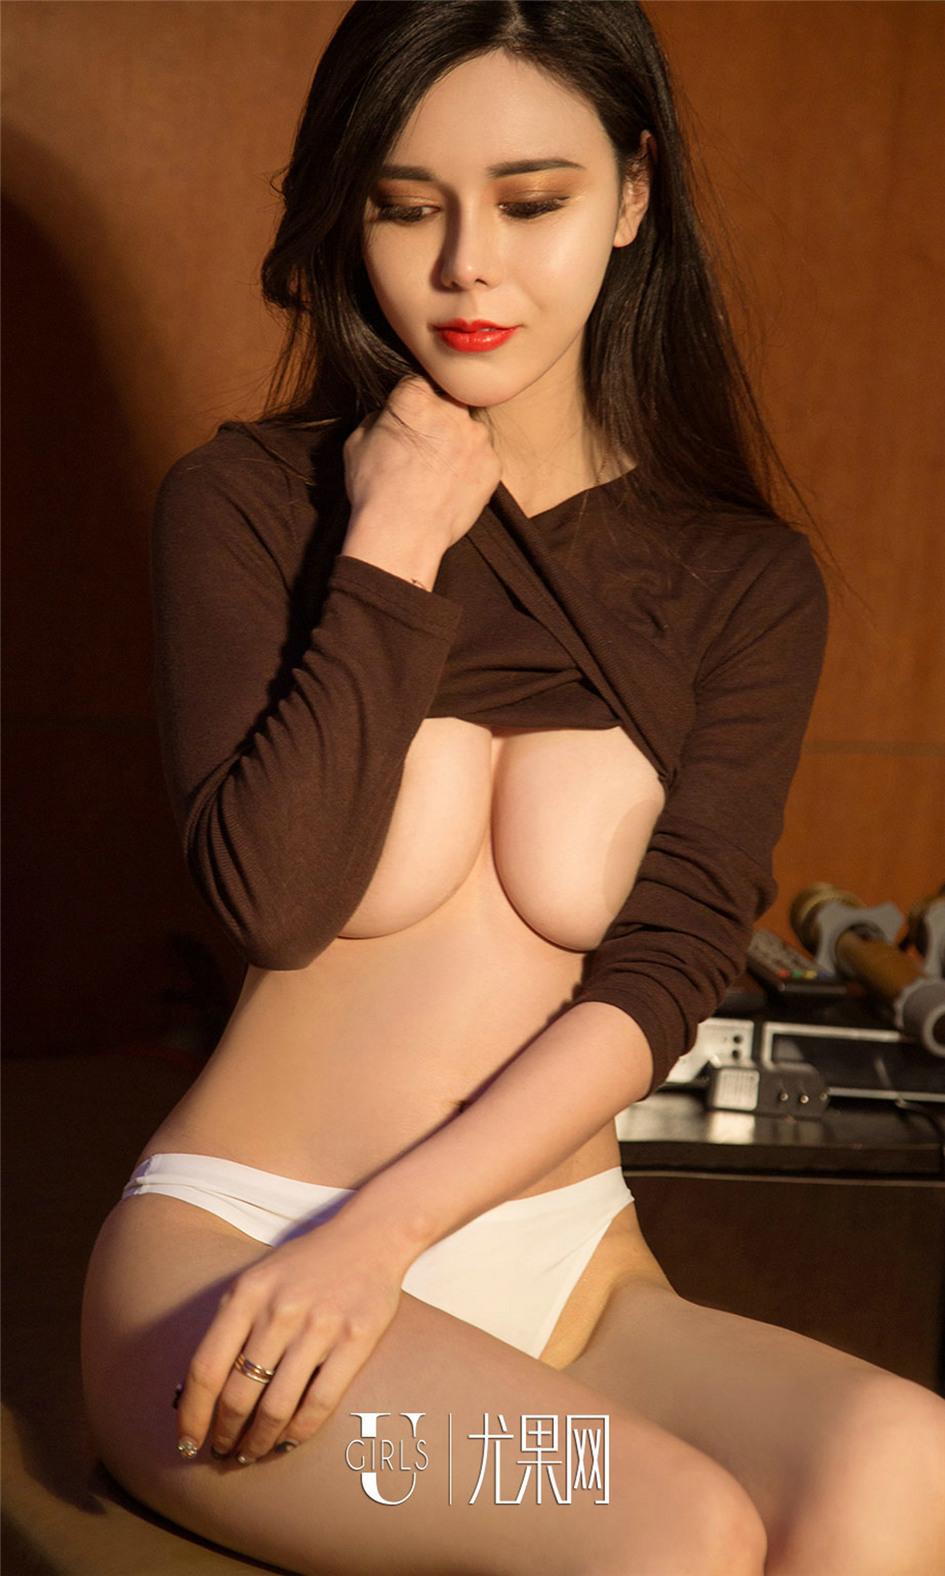 [尤果网] 超性感爆乳美女沈佳熹内衣照片 第672期